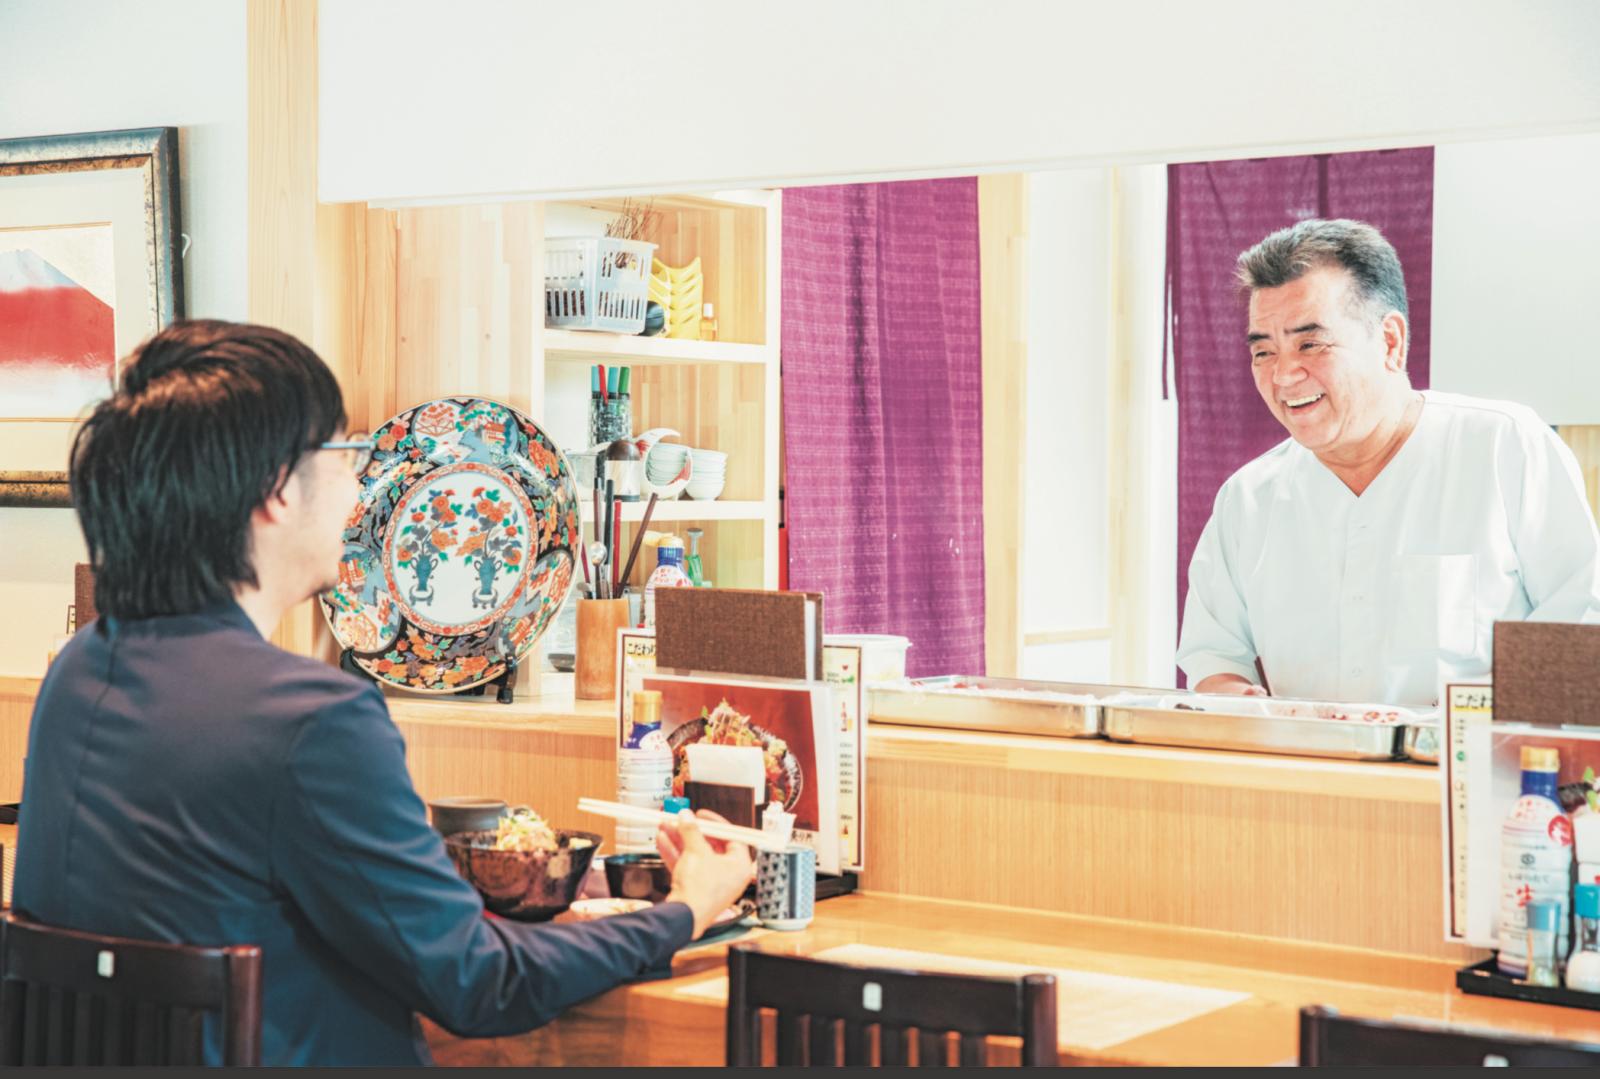 2017年に店を再建させた『志のや』の高橋さん(右)。浅野さんと談笑する。